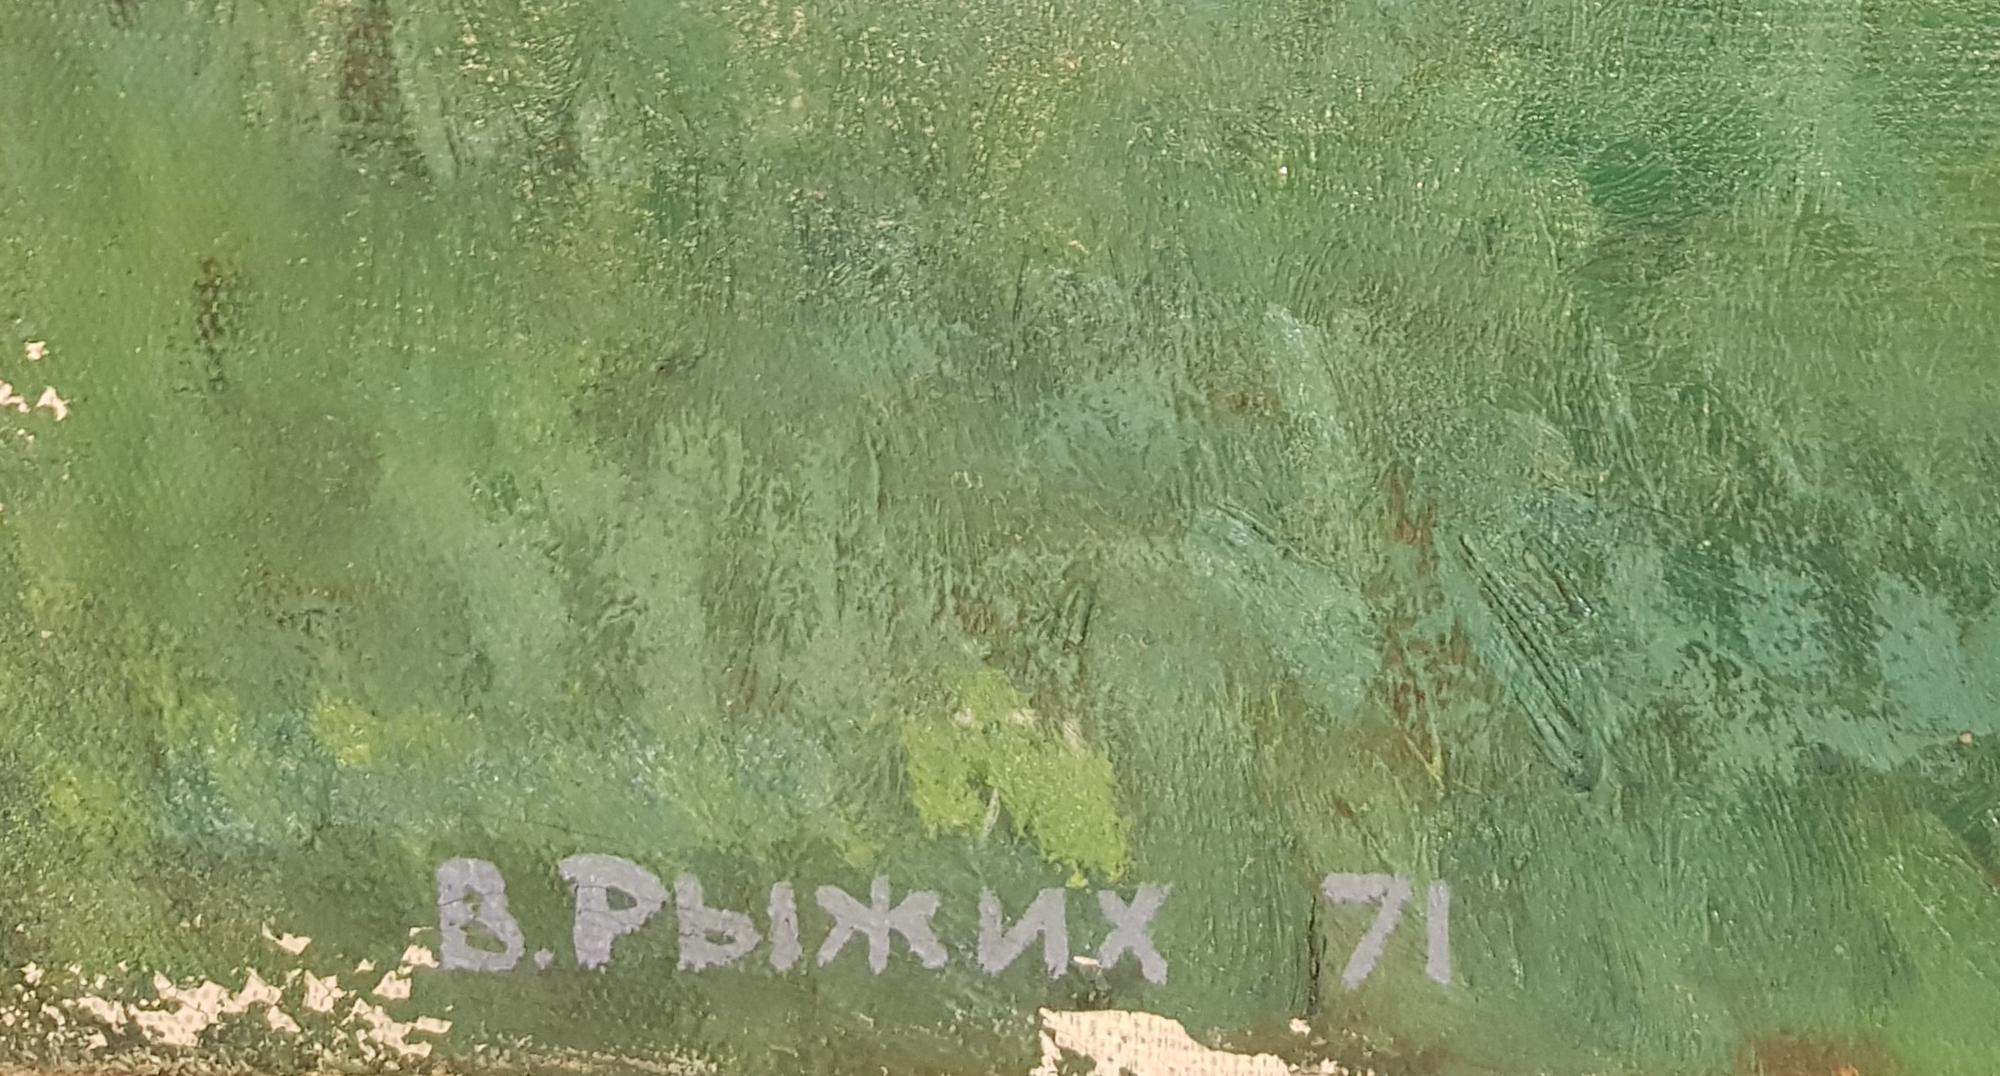 Подпись. Рыжих Виктор Иванович. Копьеметательница